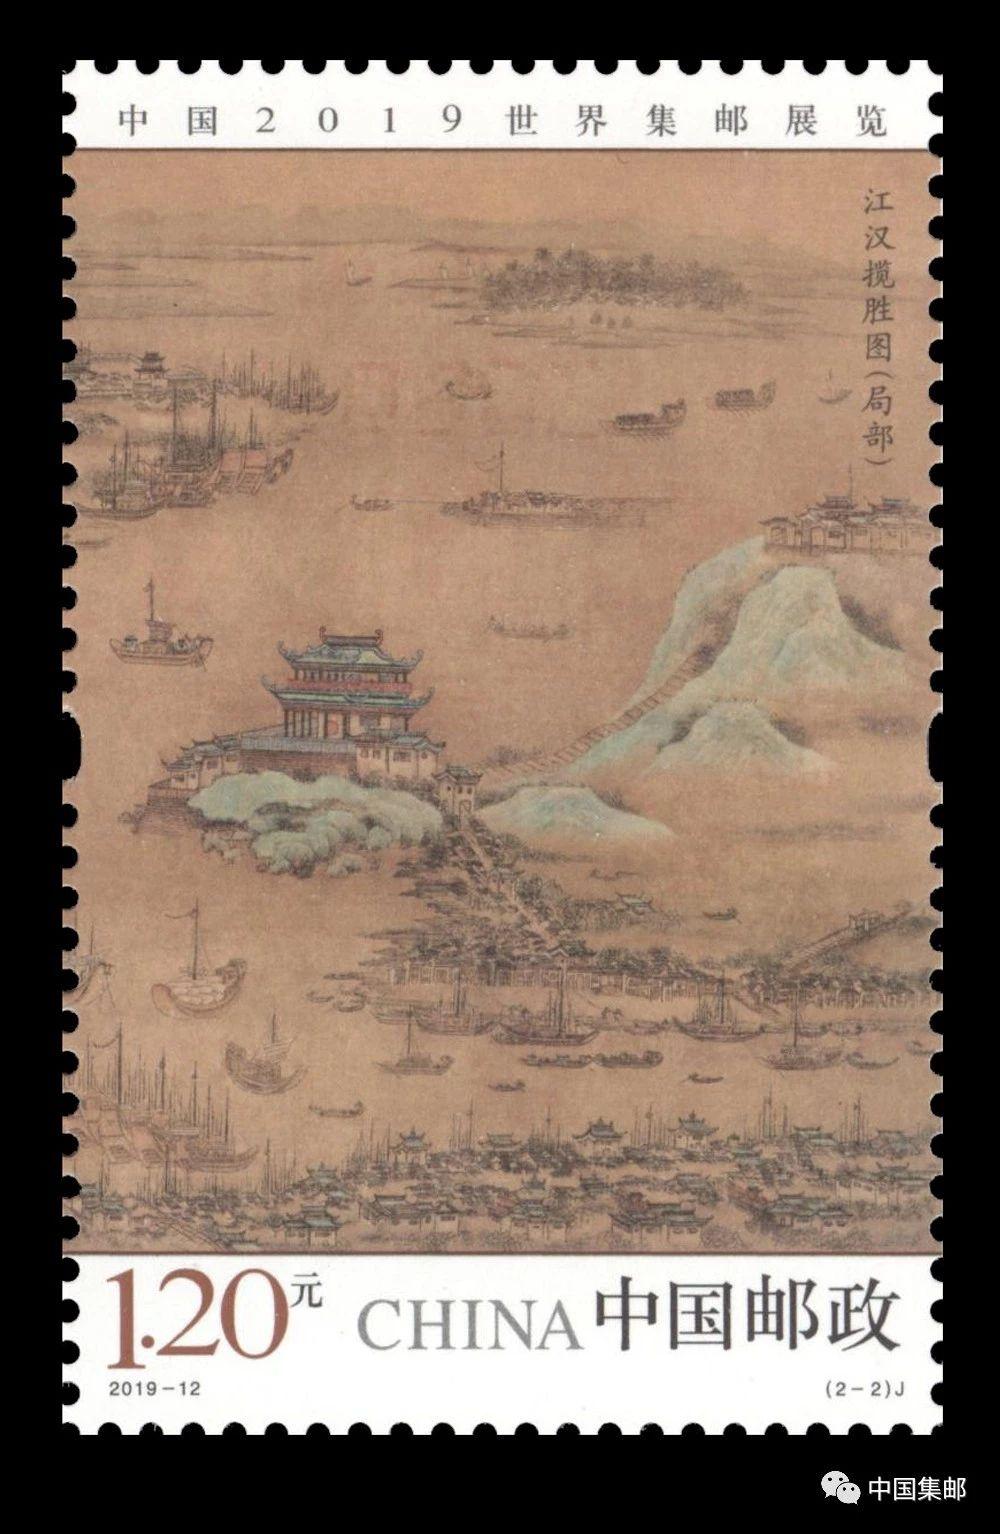 中国2019世界集邮展览邮票6月11日发行 这些地方可以买